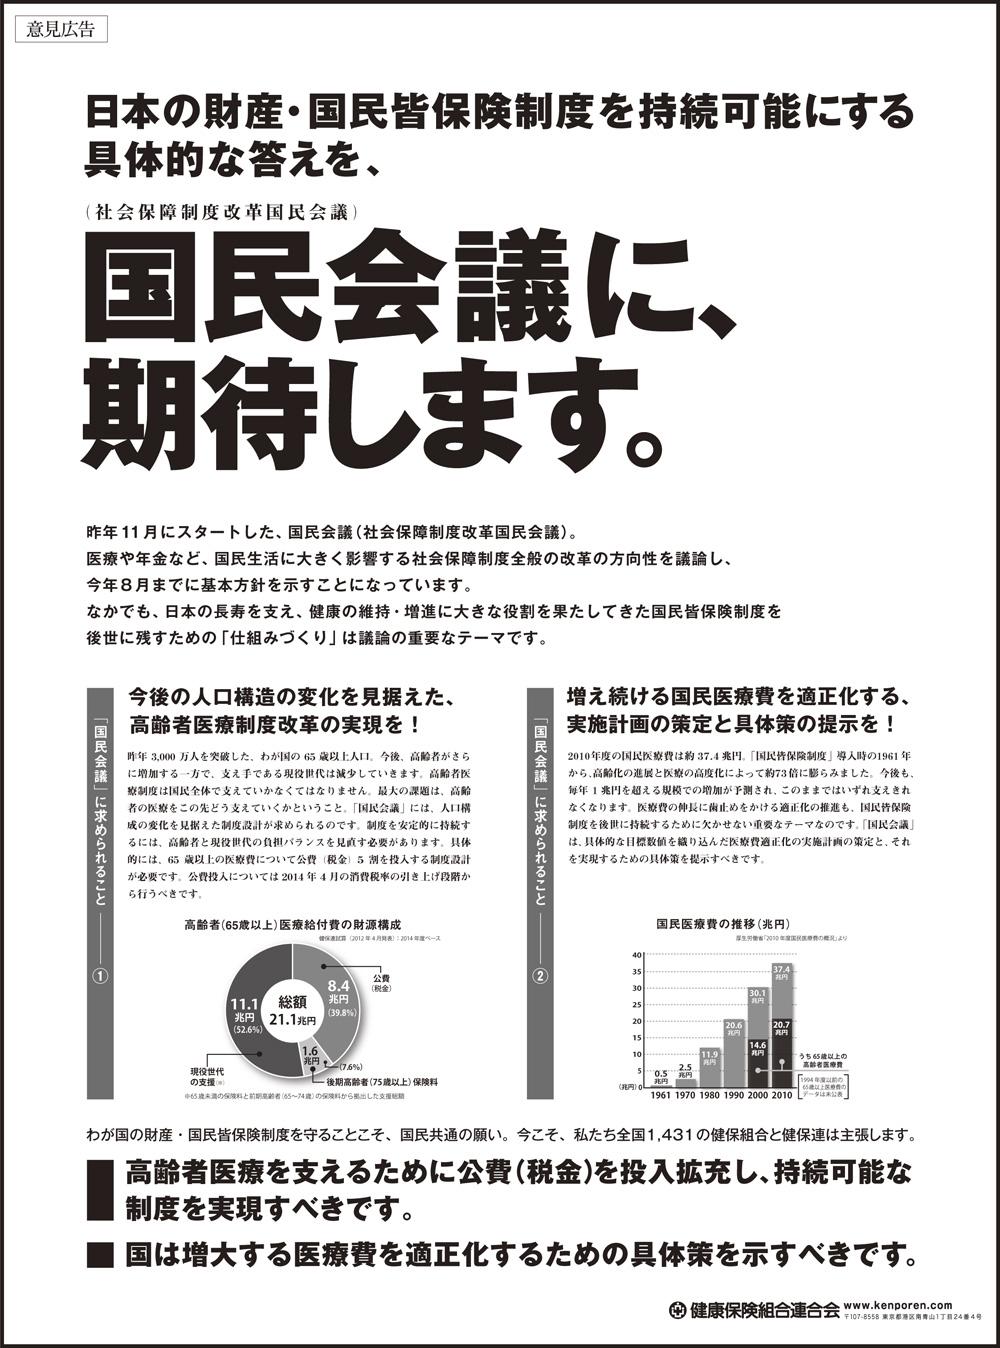 意見広告|トピックス|けんぽれ...